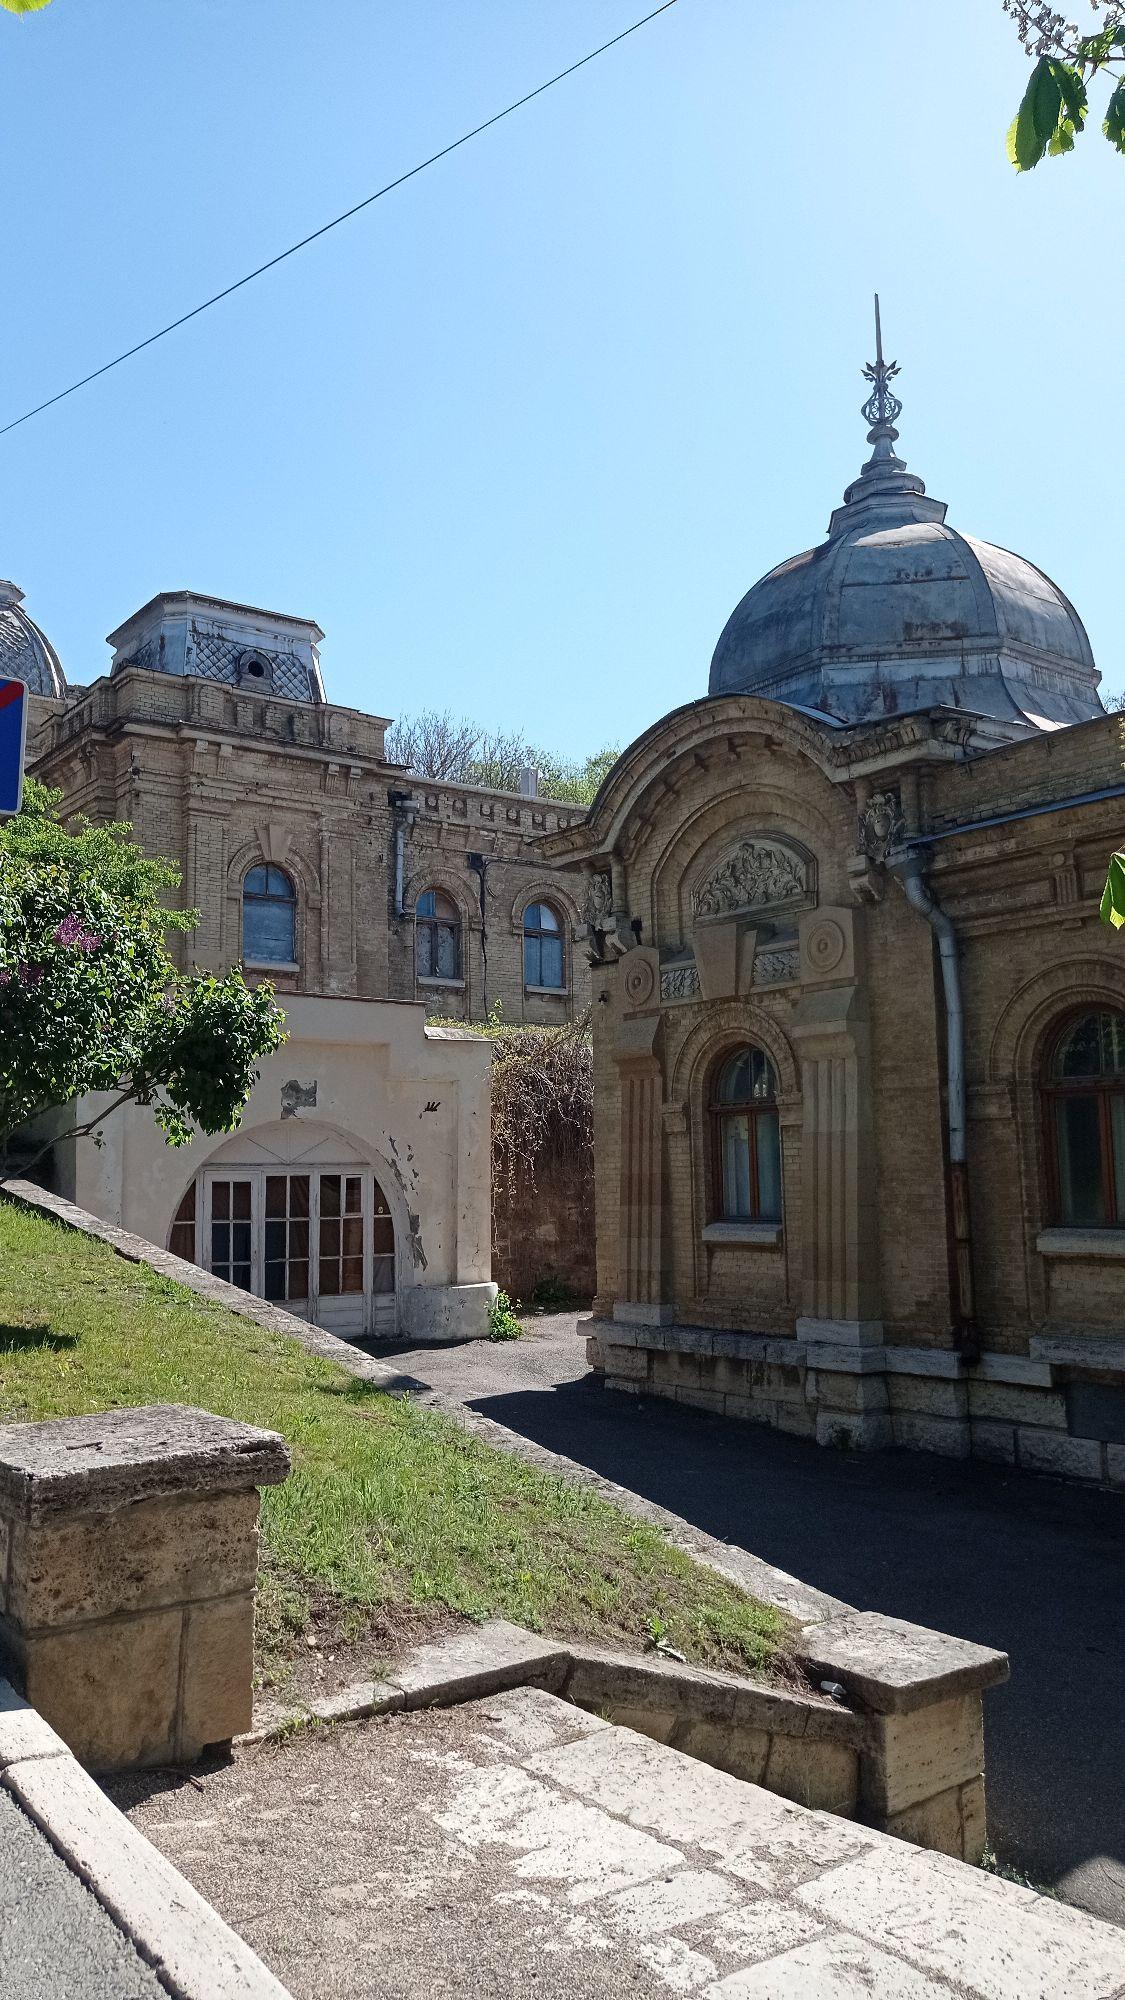 Очень красивые Пушкинские ванны. Два корпуса построены в 1899-1901 гг. Сейчас в печальном состоянии. Верхний корпус не работает.